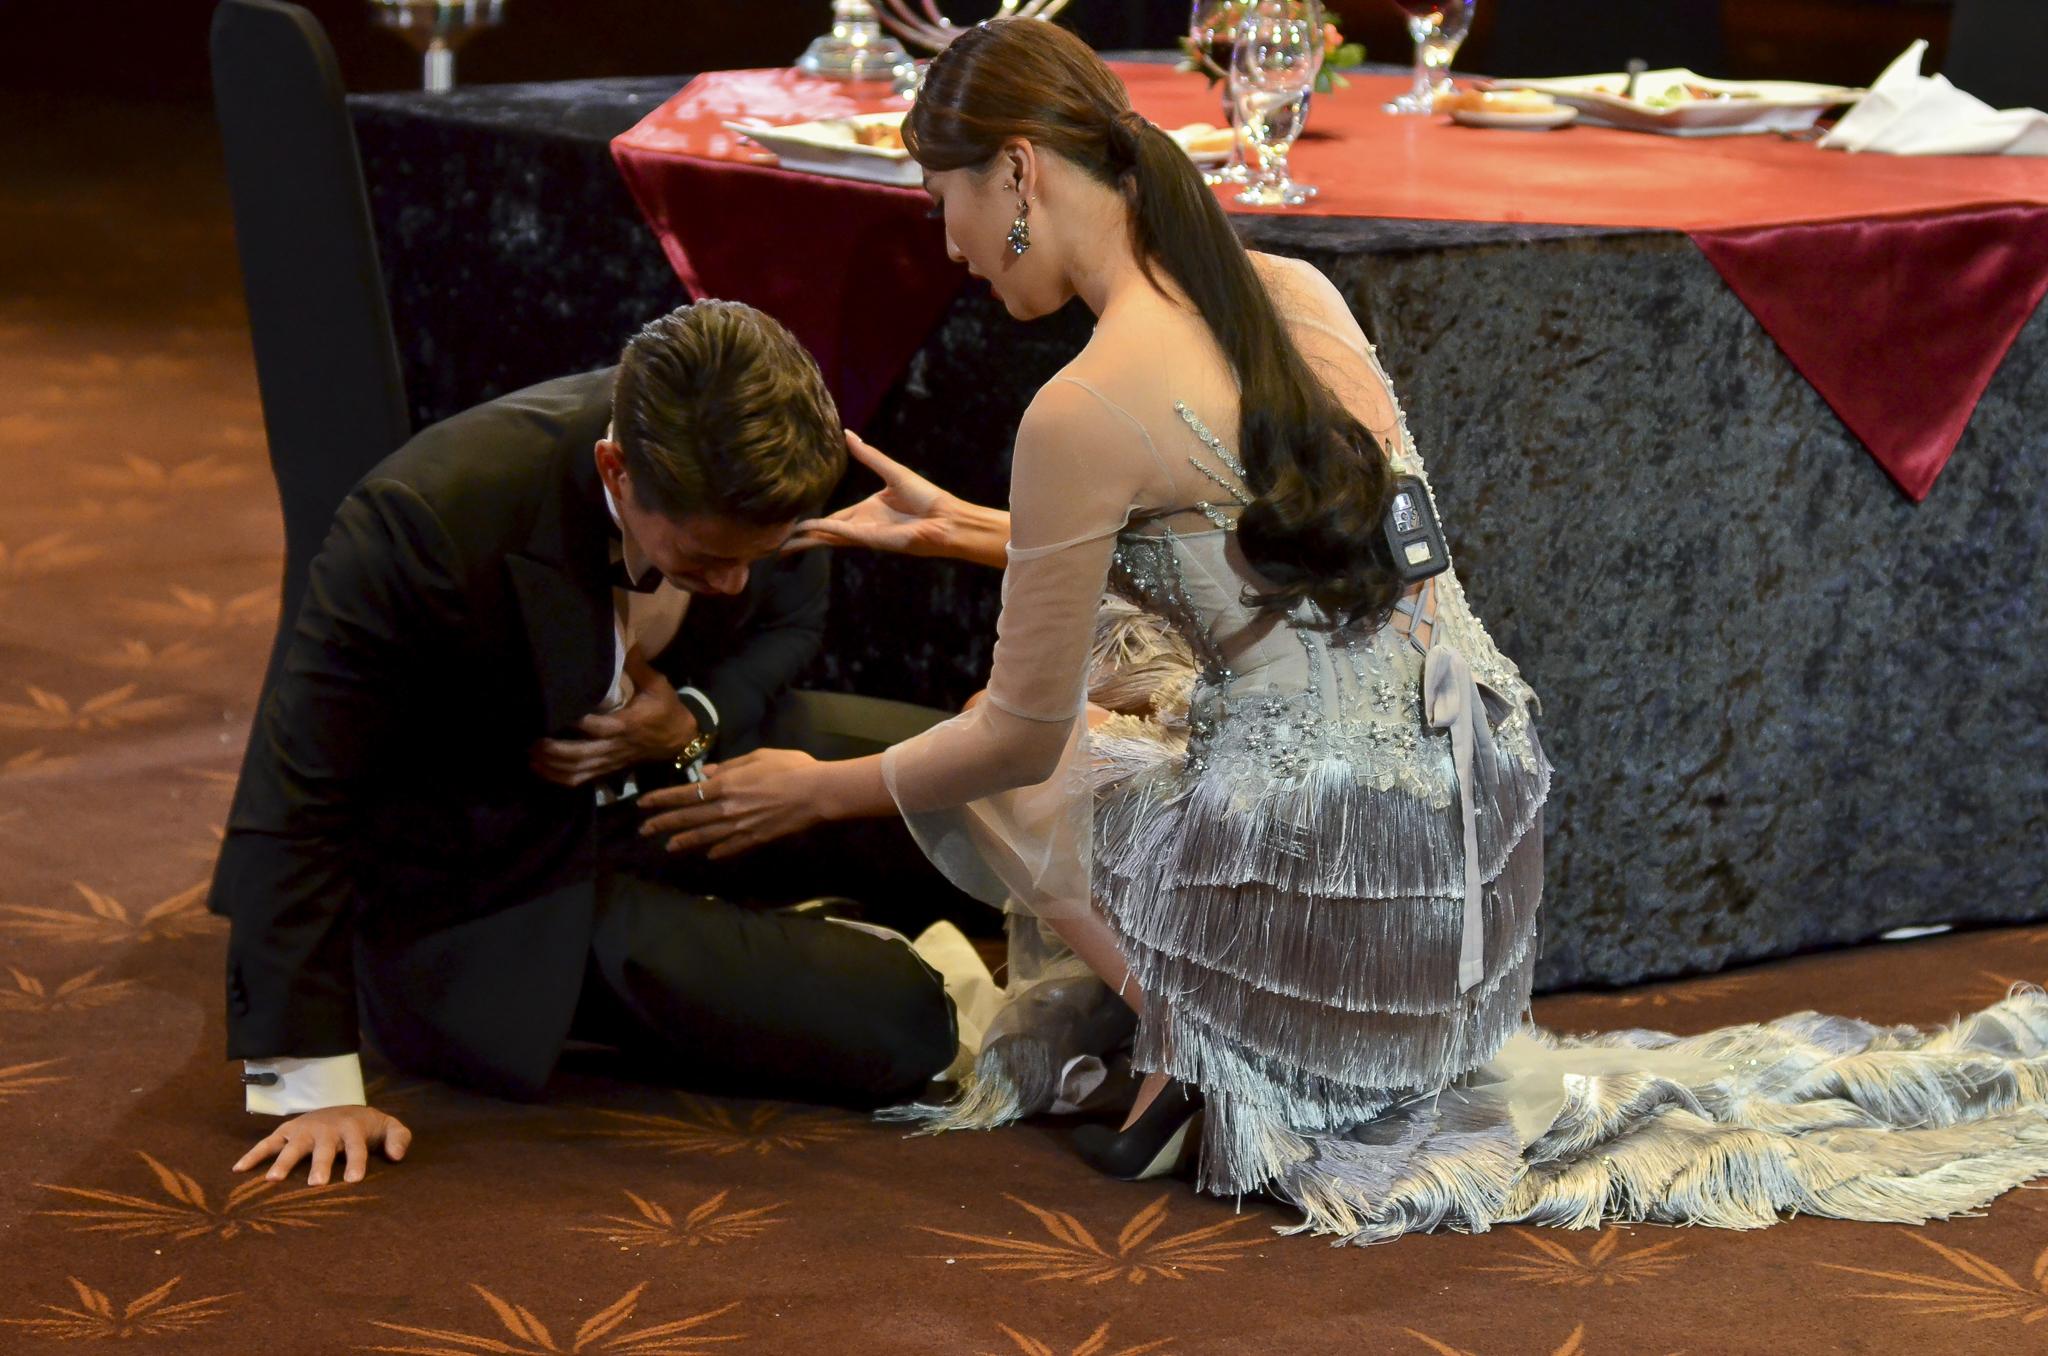 Thí sinh Hoa hậu Hoàn vũ VN khoe vẻ đẹp thuần khiết trong đồng phục trắng - Ảnh 12.